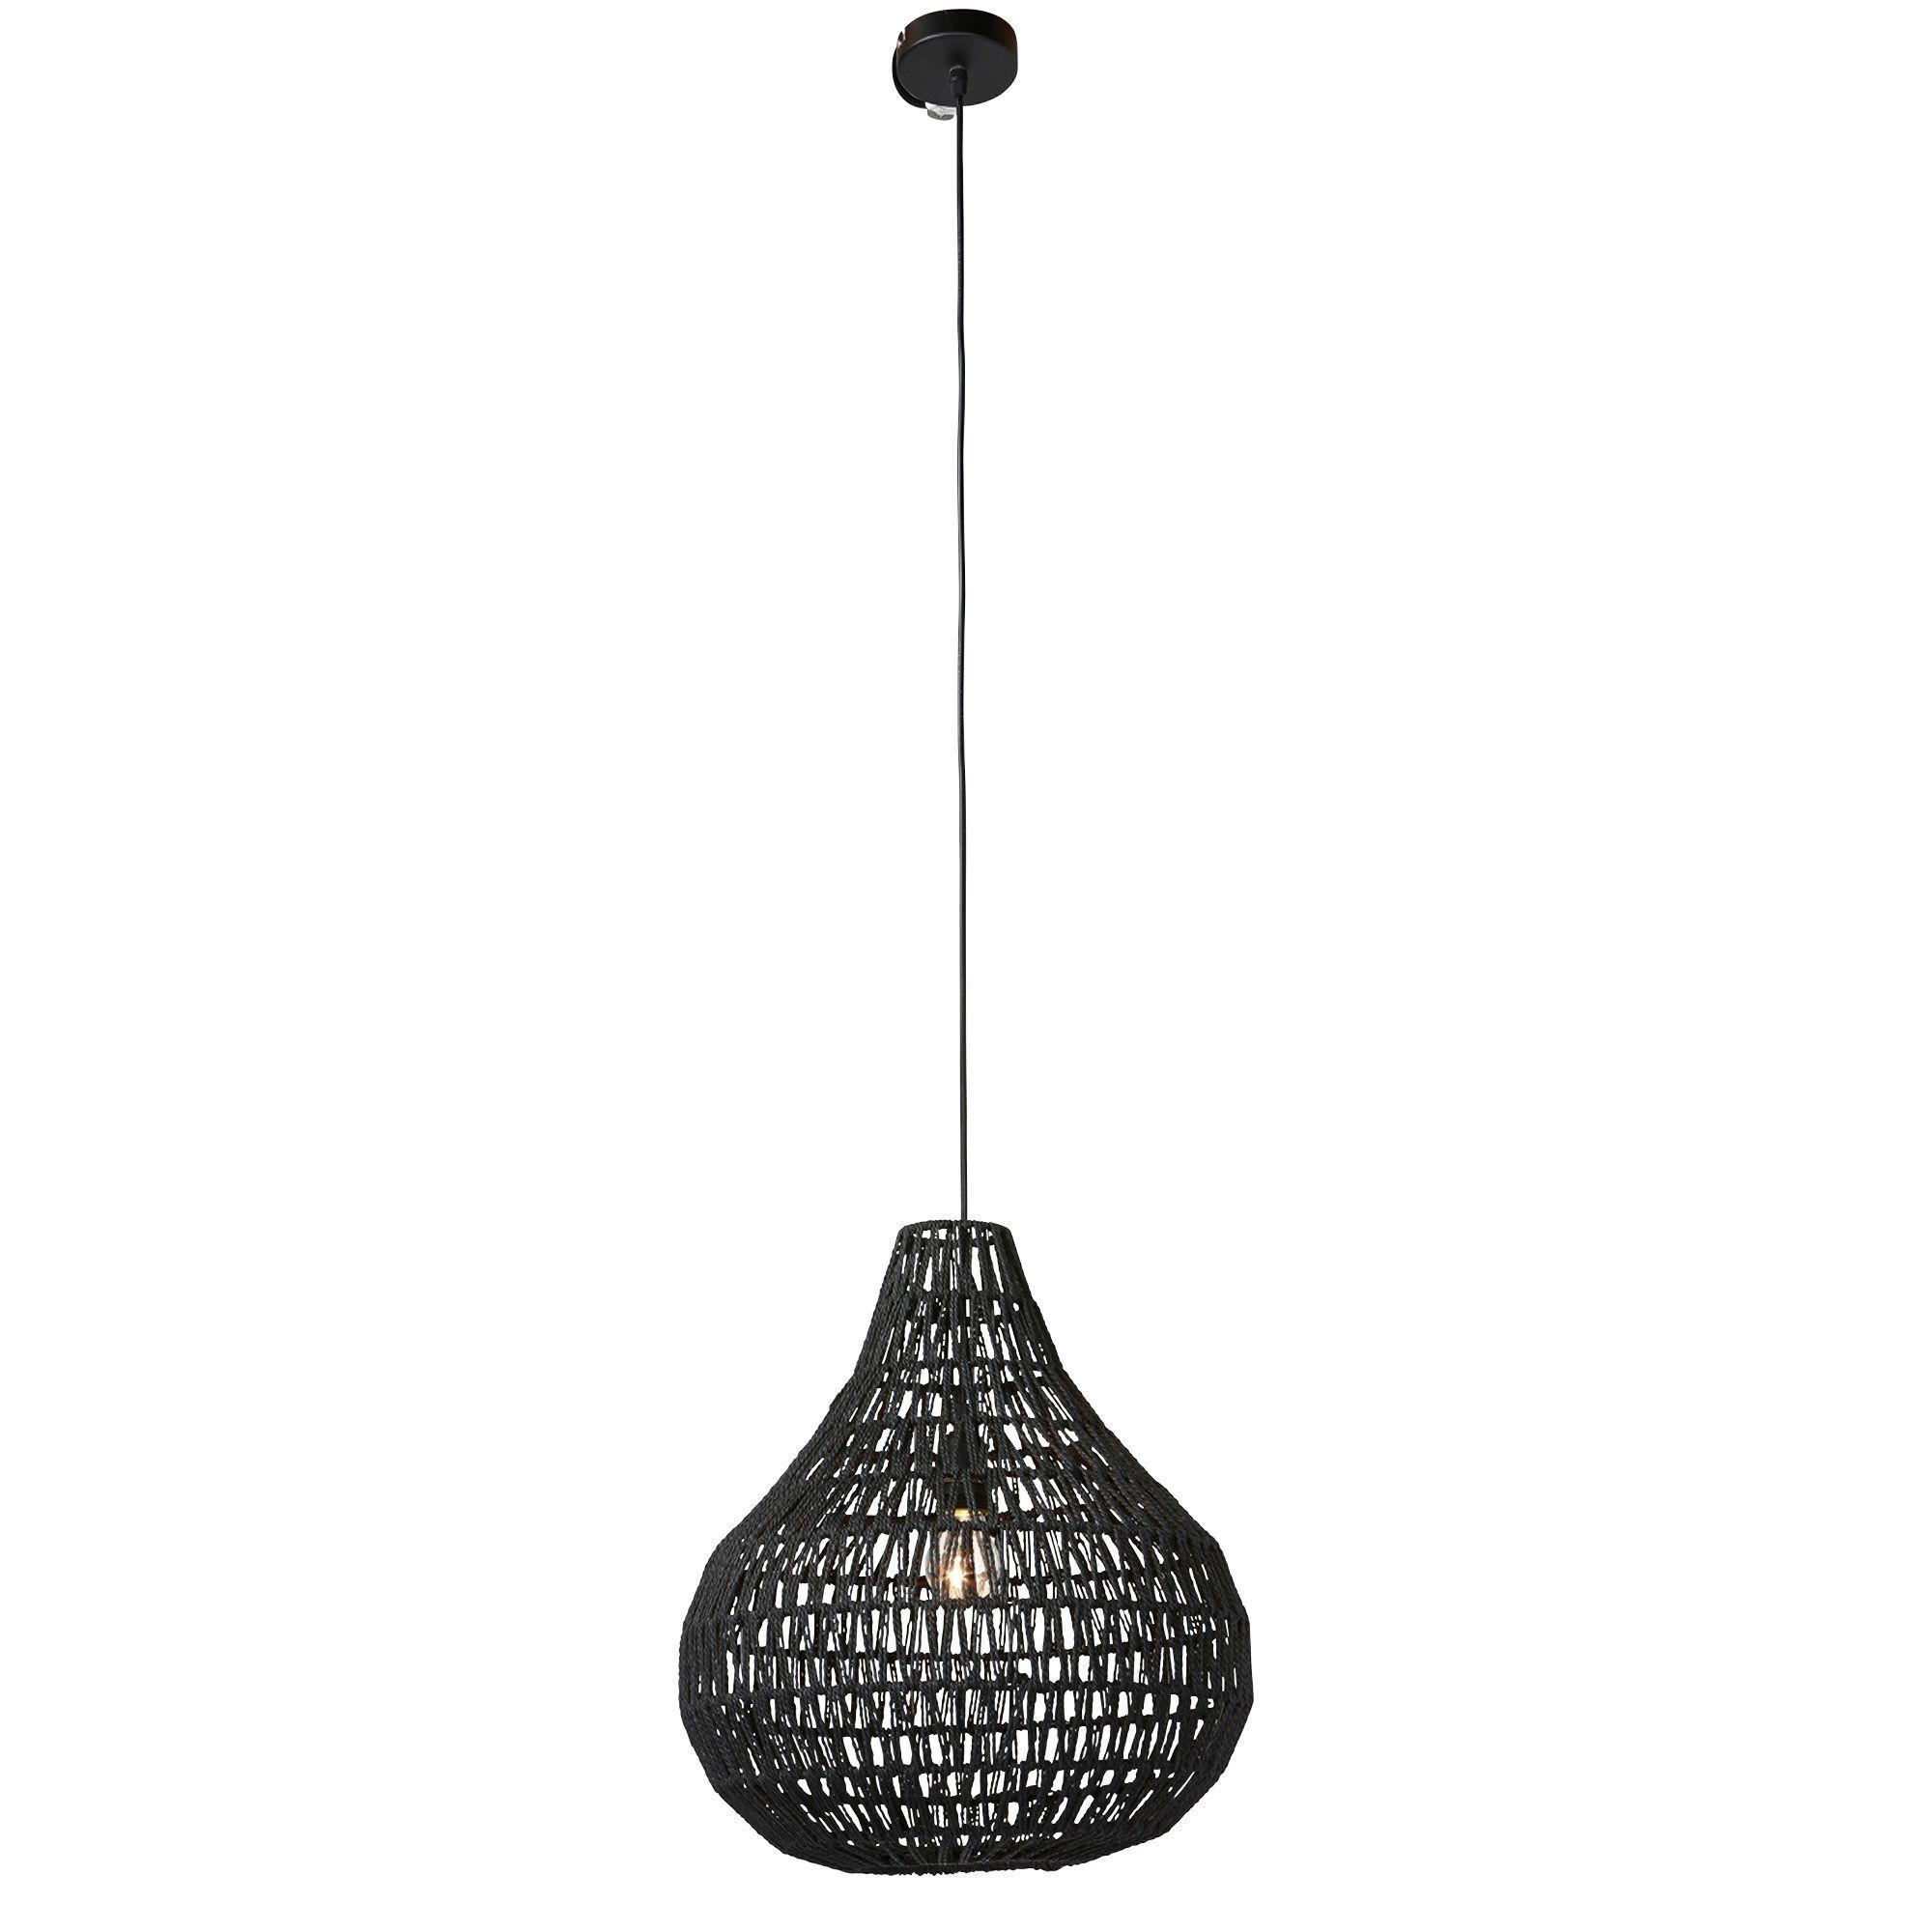 Hanglamp Rana Zwart Kwantum Hanglamp Lampen Tafel Verlichting